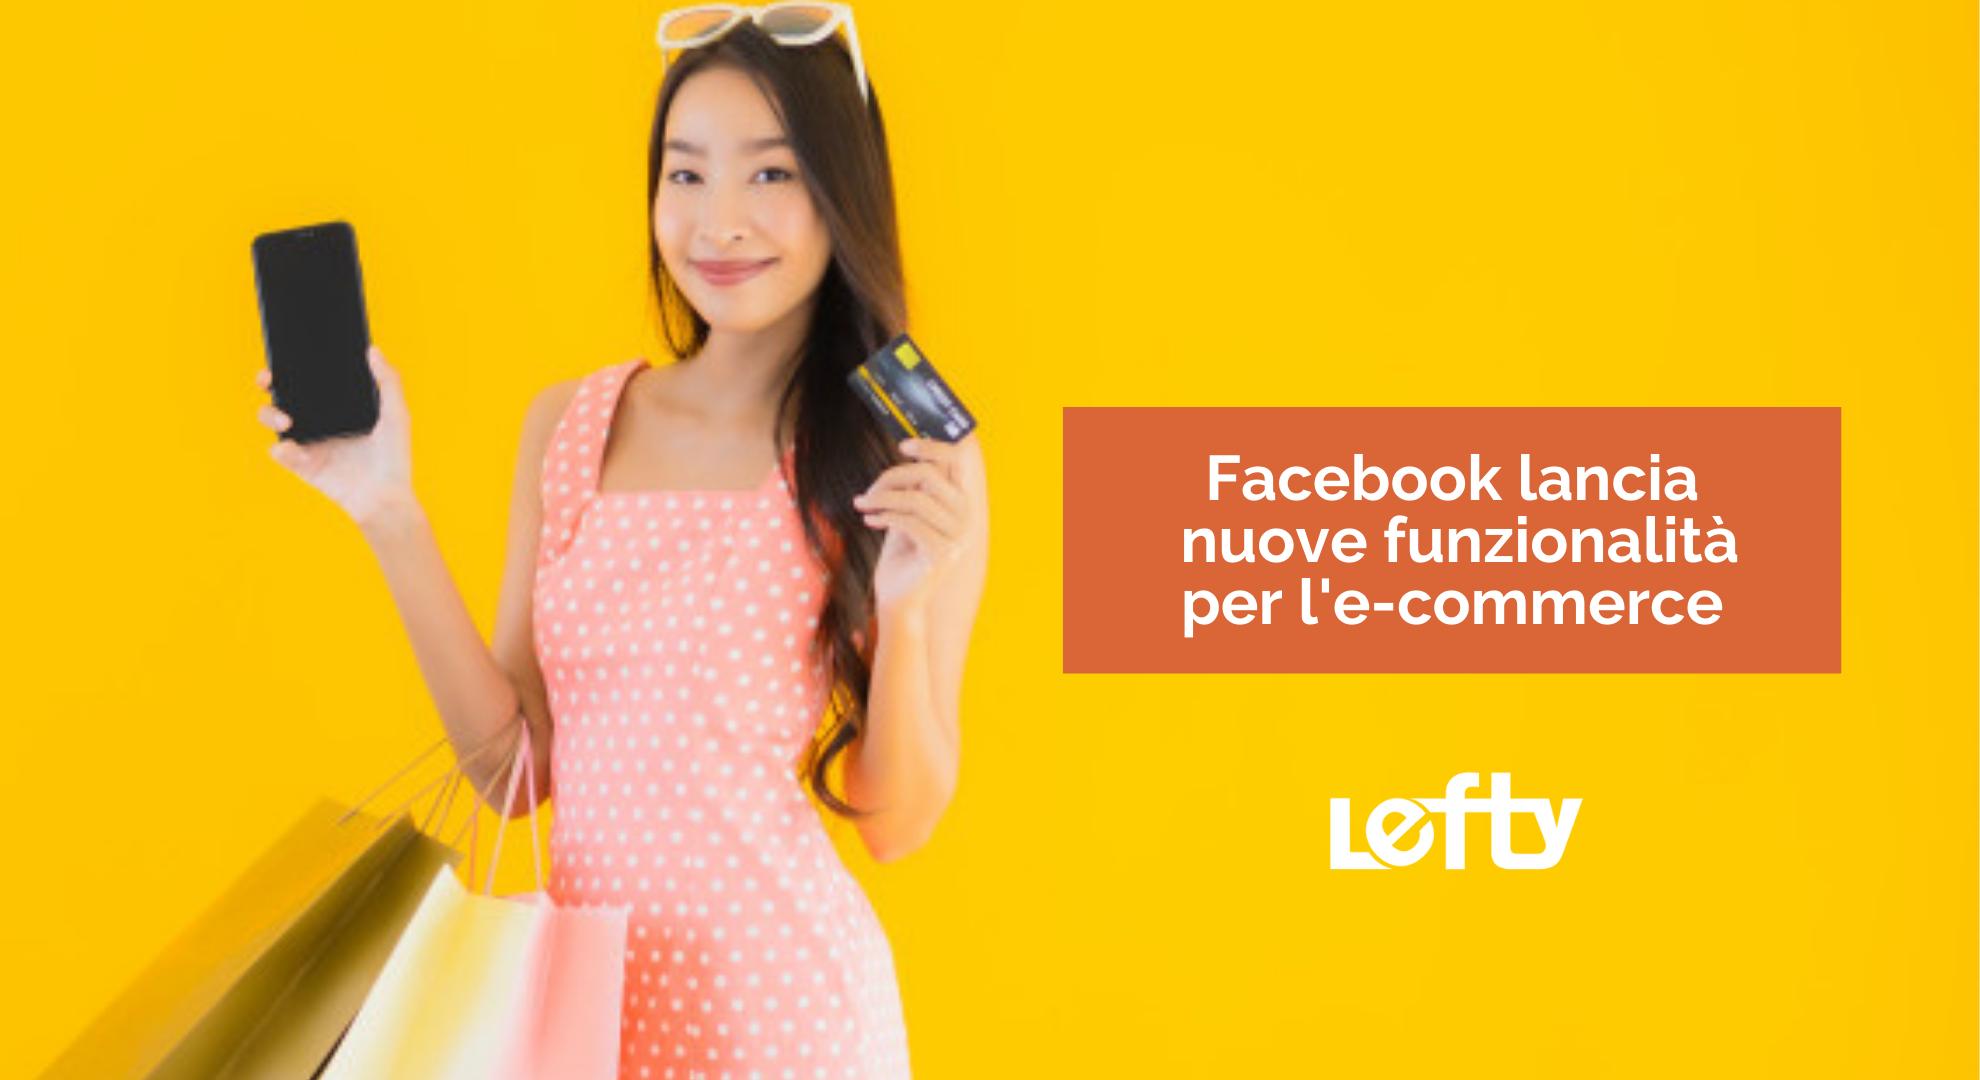 Nuove funzionalità Facebook per aumentare vendite e-commerce